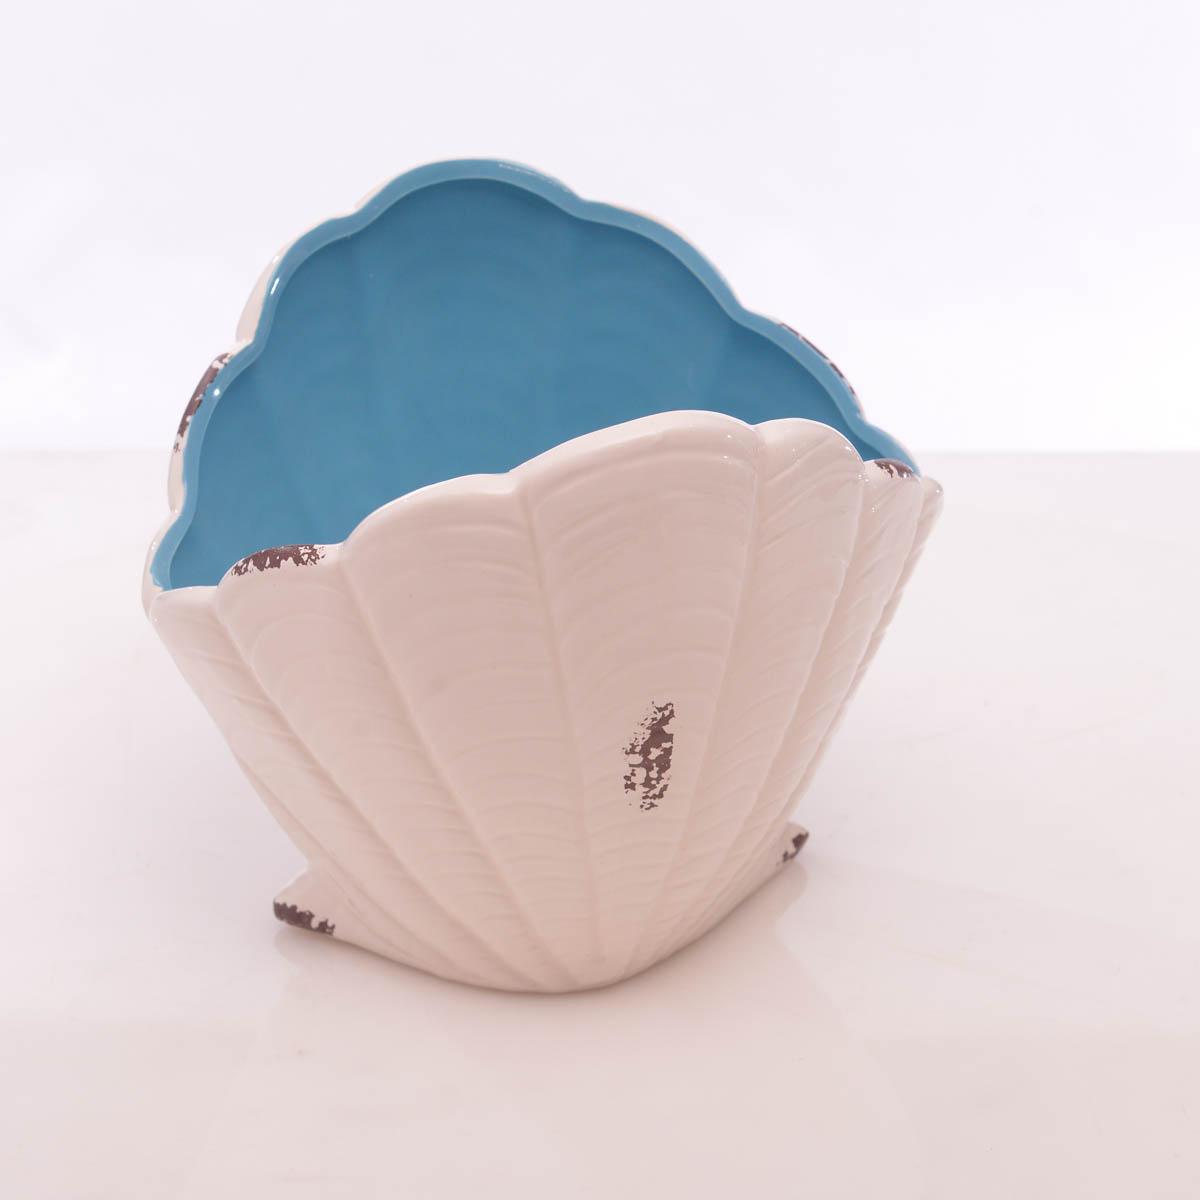 Adorno 16,5X13,5X14,3 cm